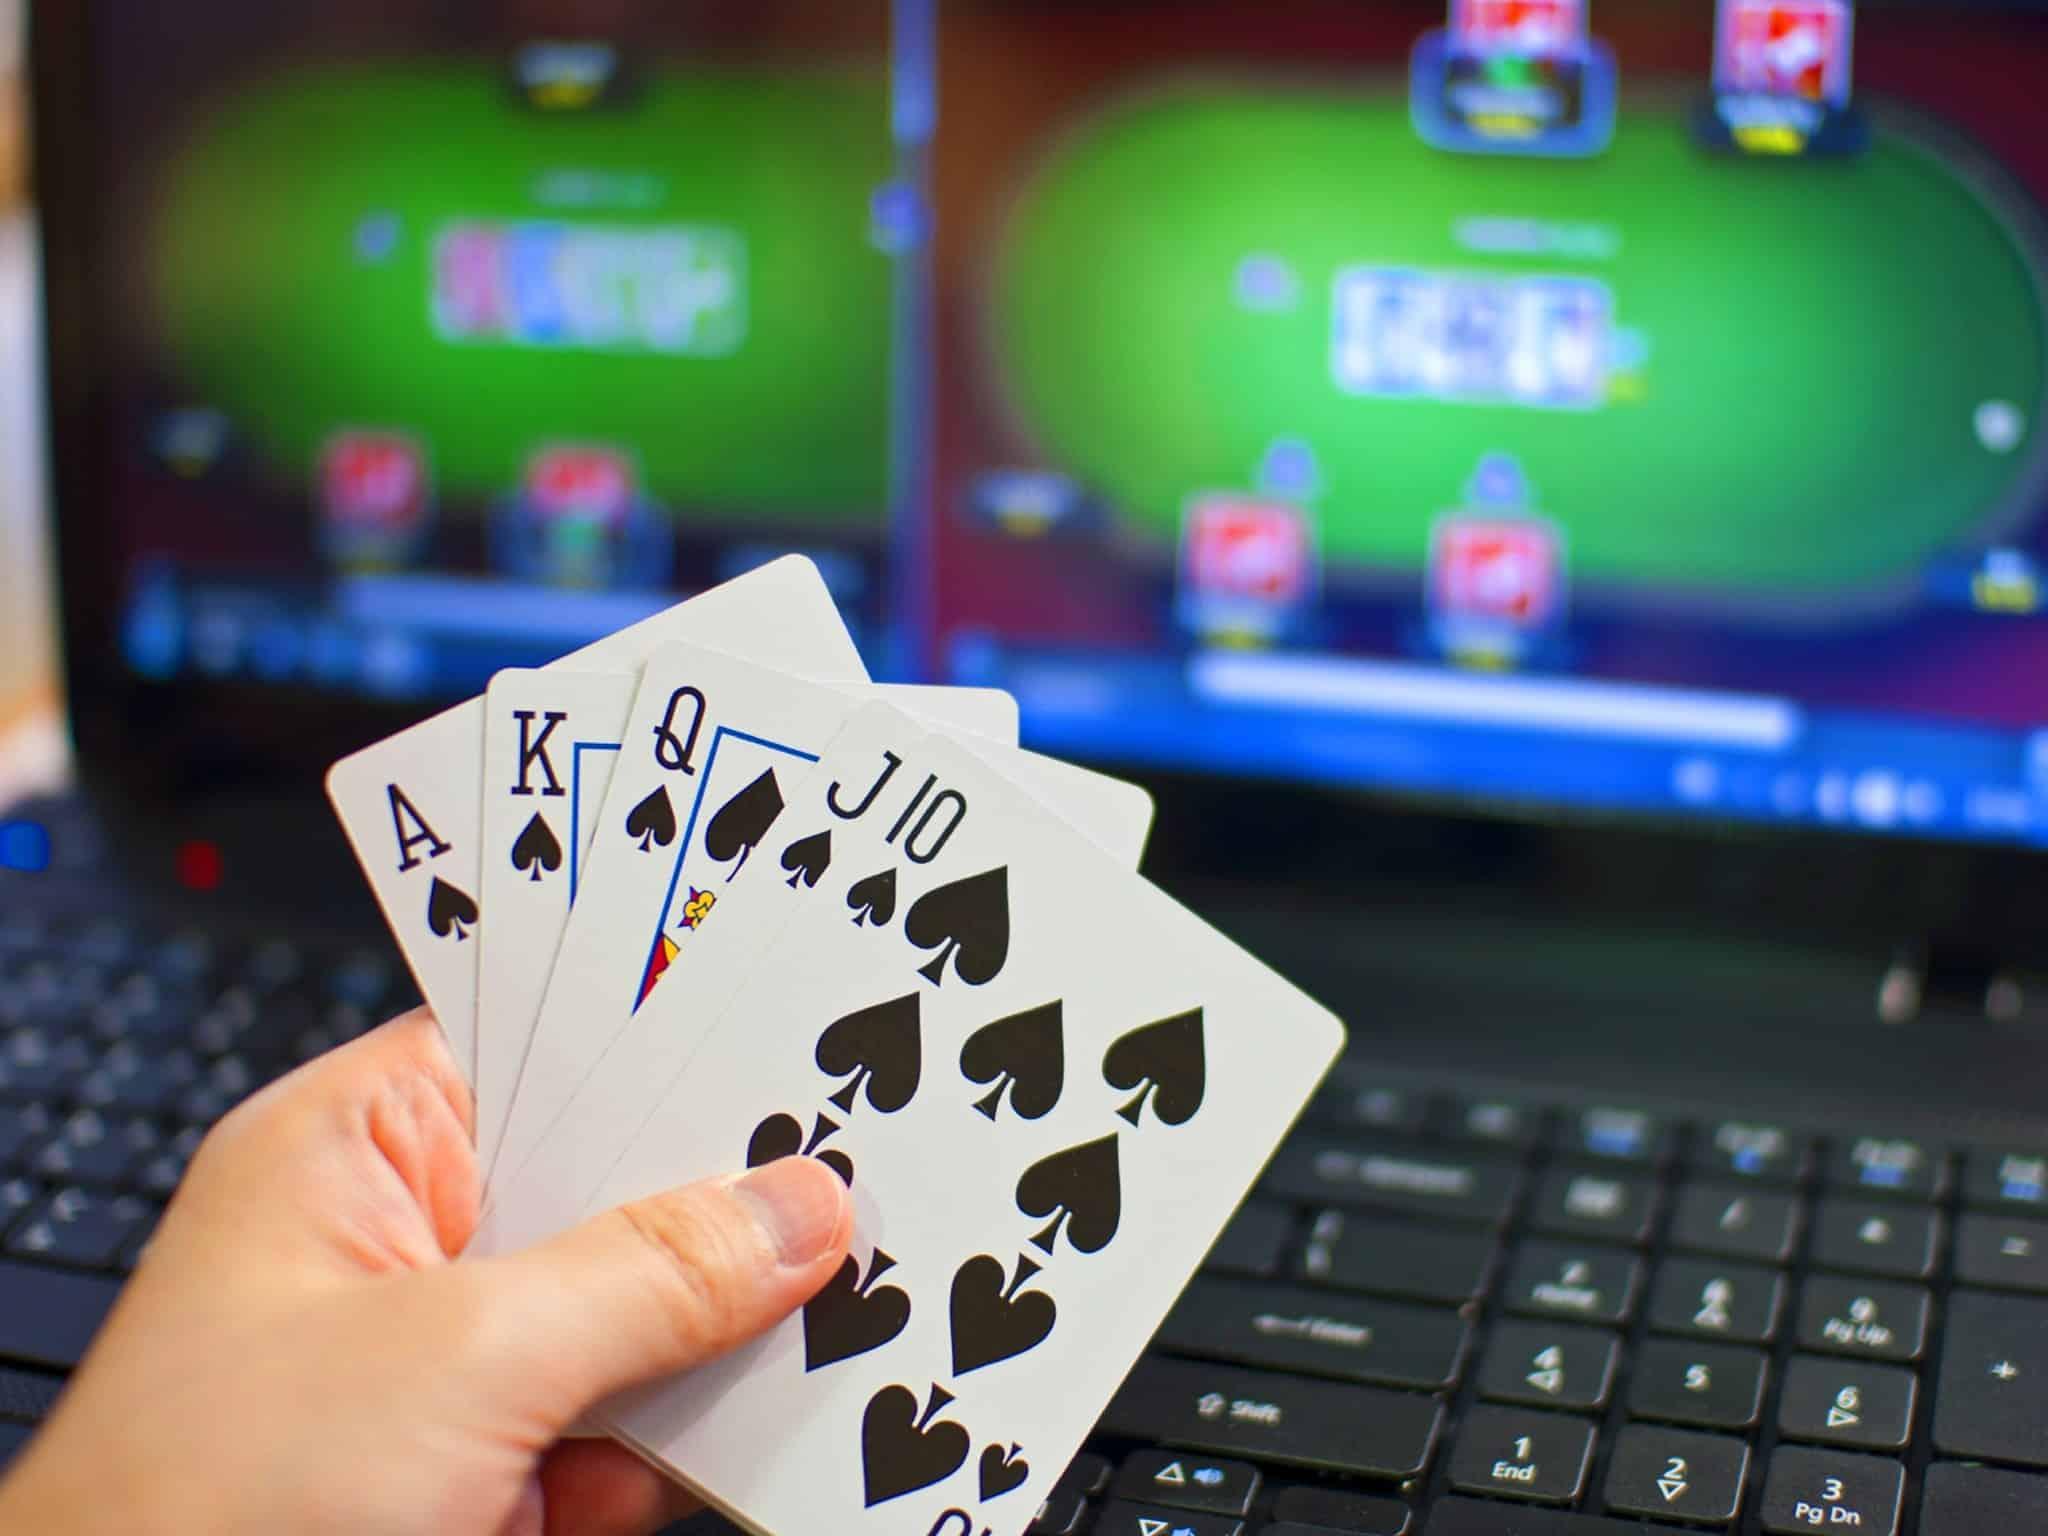 Poker gratis online: dove giocare senza registrazione